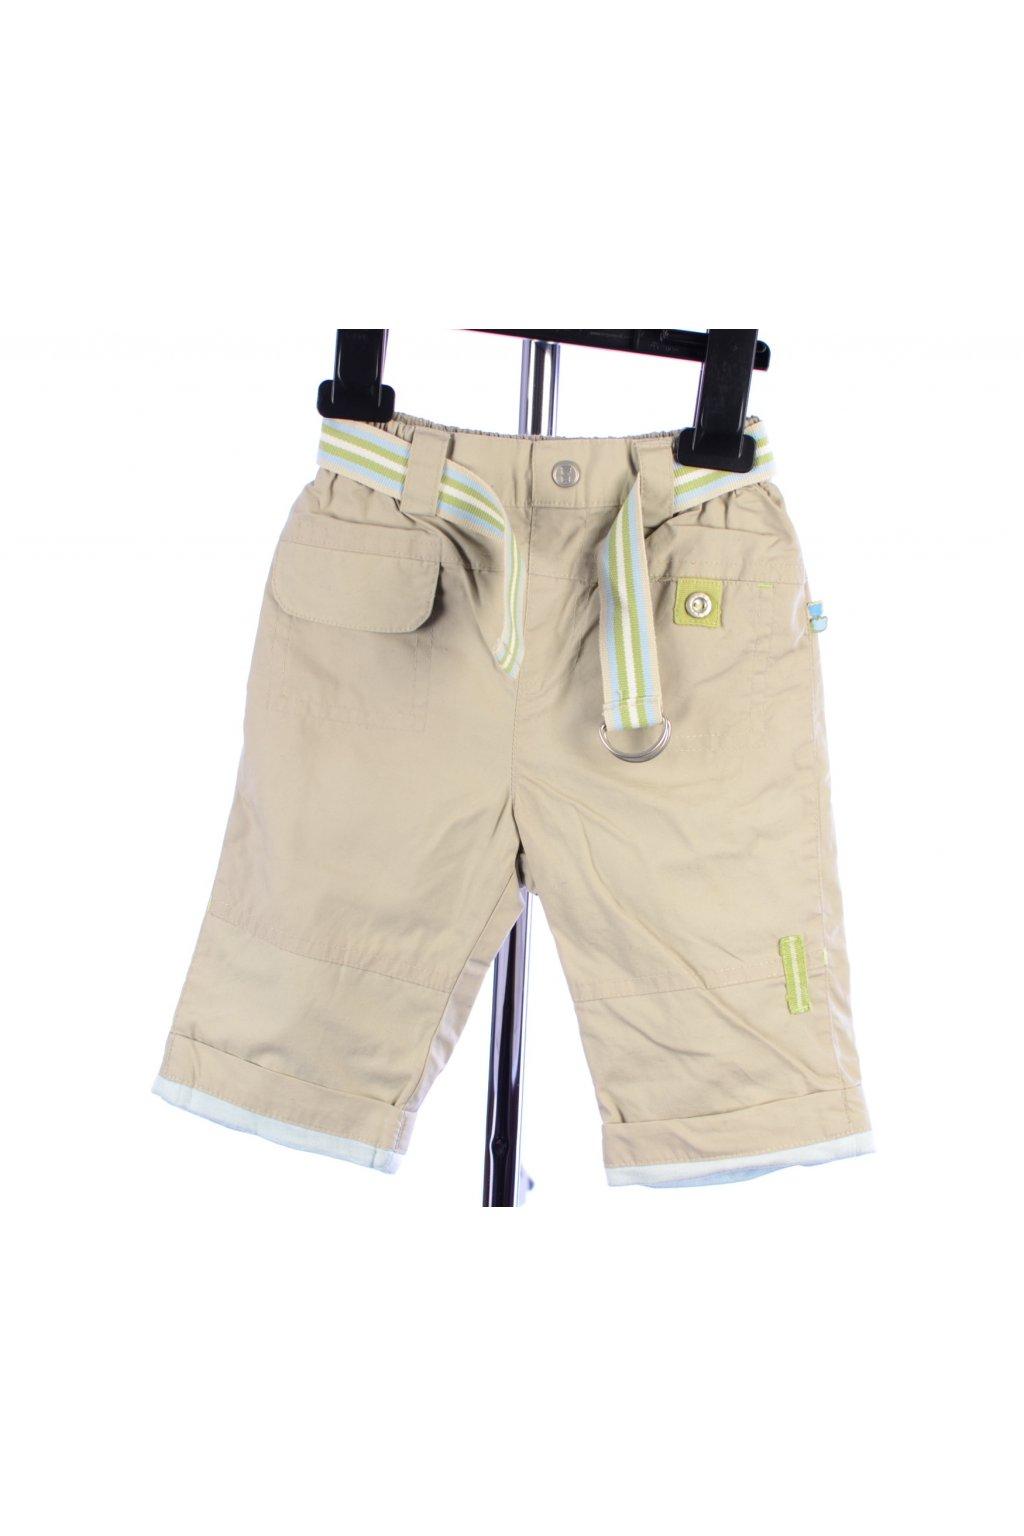 Kalhoty C&A béžové s podšívkou vel. 68